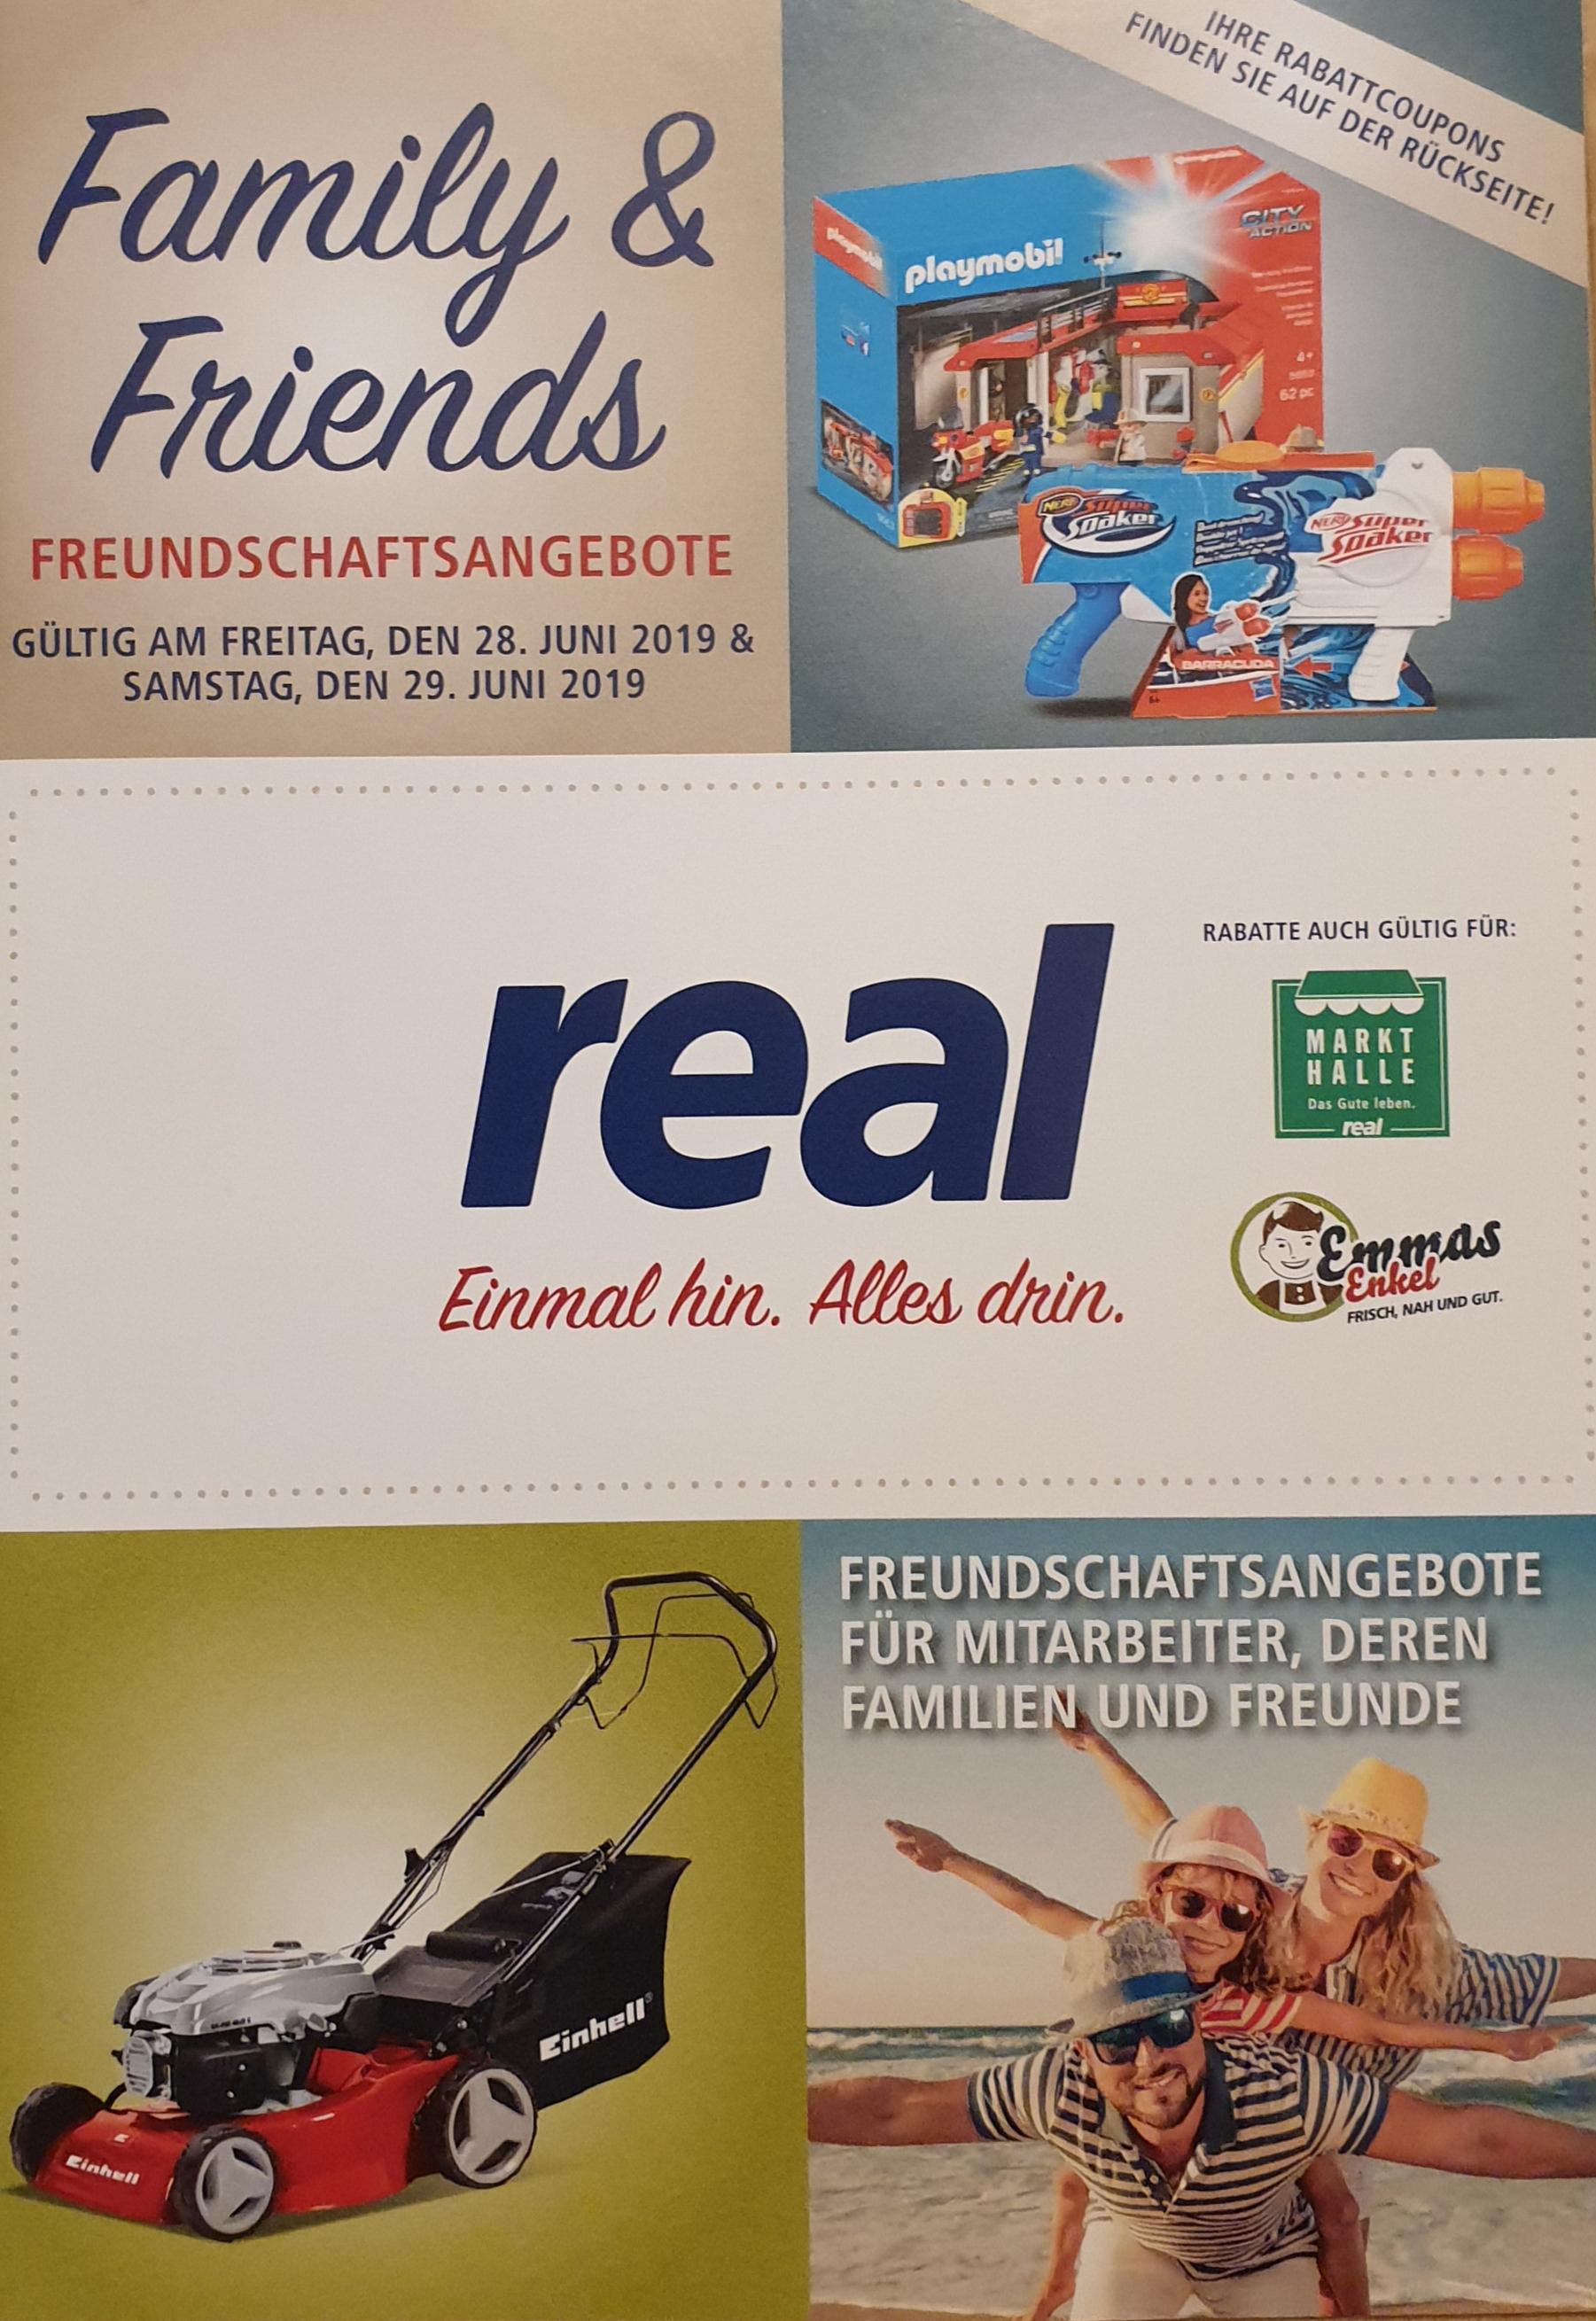 [REAL] Family & Friends Rabatt-Aktionstage am 28. und 29. Juni 2019 (19% auf TV,Smartphones,Spielekonsolen + 25% auf Lego,Playmobil uvm.)